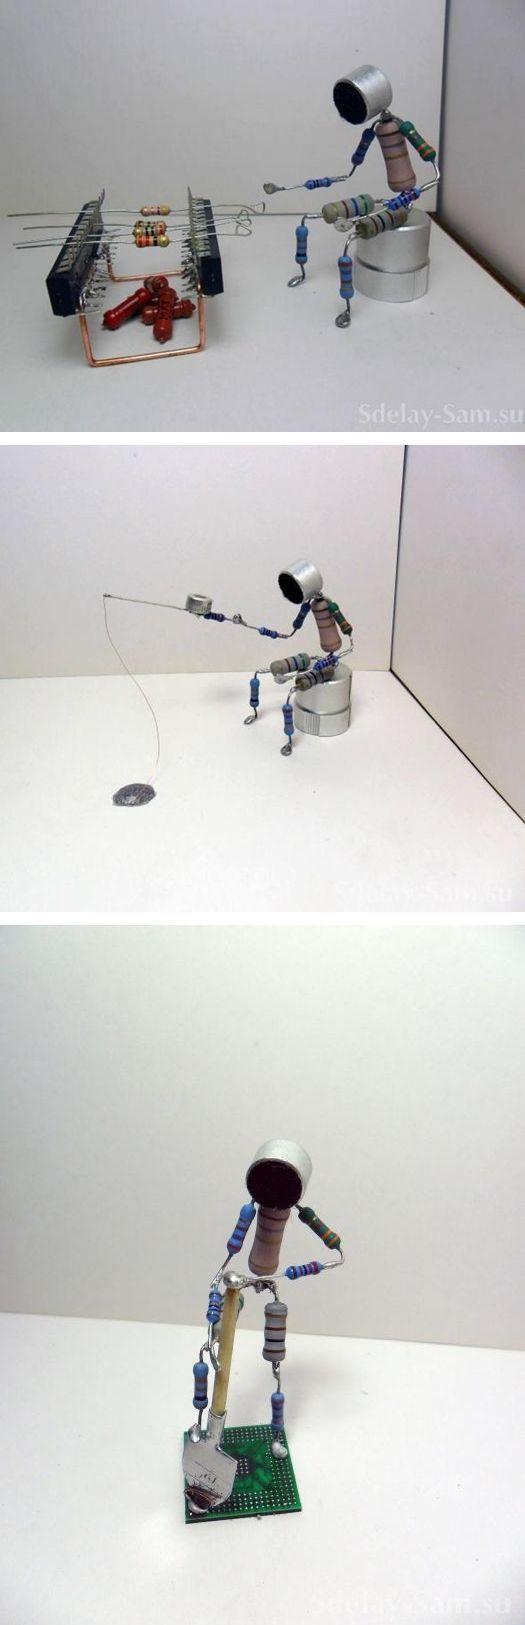 Elektronik komponentler ile hazırlanan ilginç figürler 2 – Elektronik Devreler Projeler